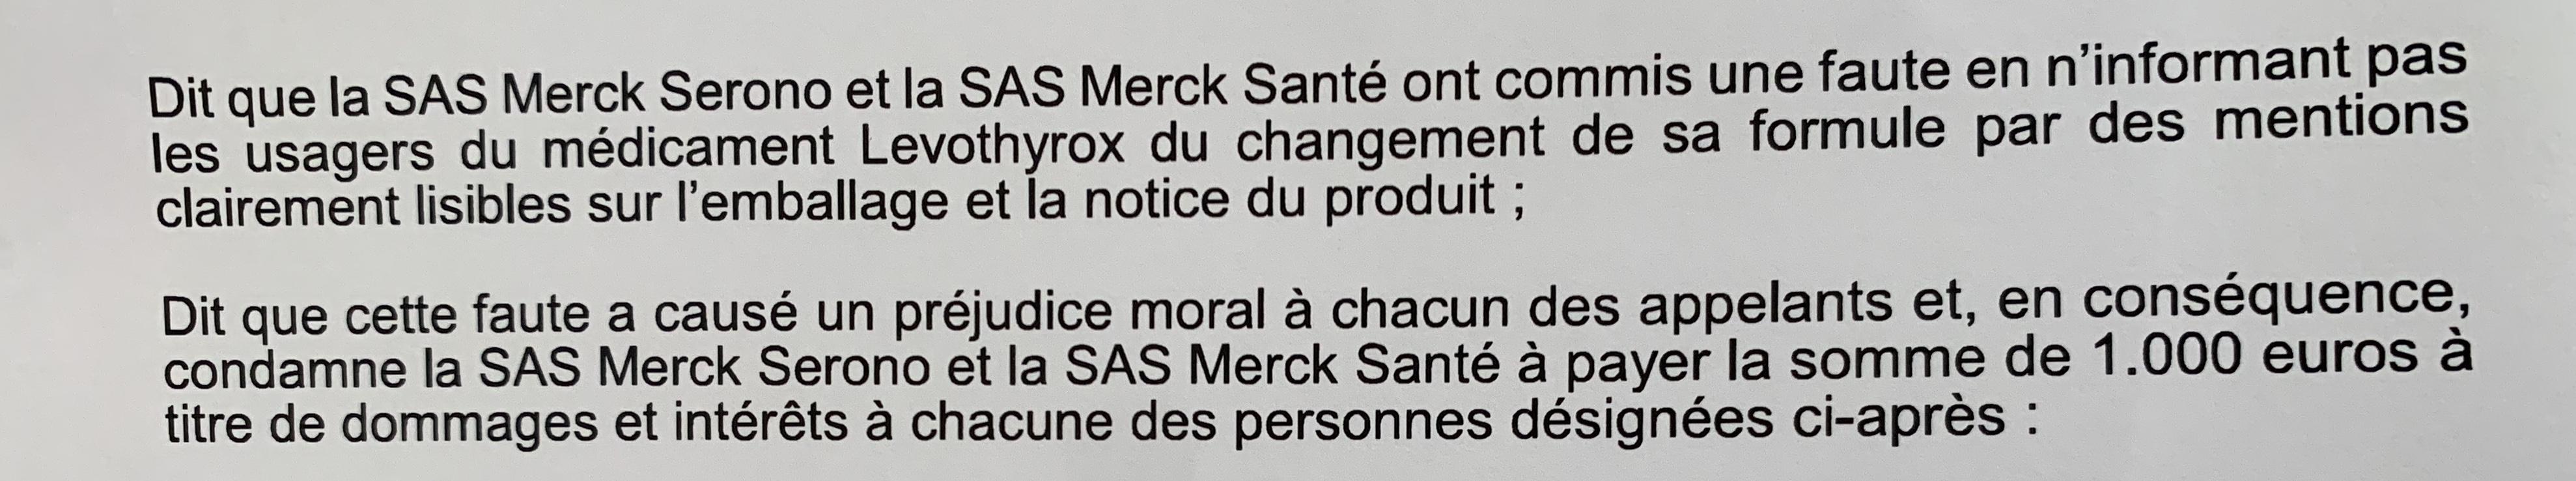 La Cour d'appel de Lyon reconnait le défaut d'information fautif de MERCK lors du changement de formule de LEVOTHYROX